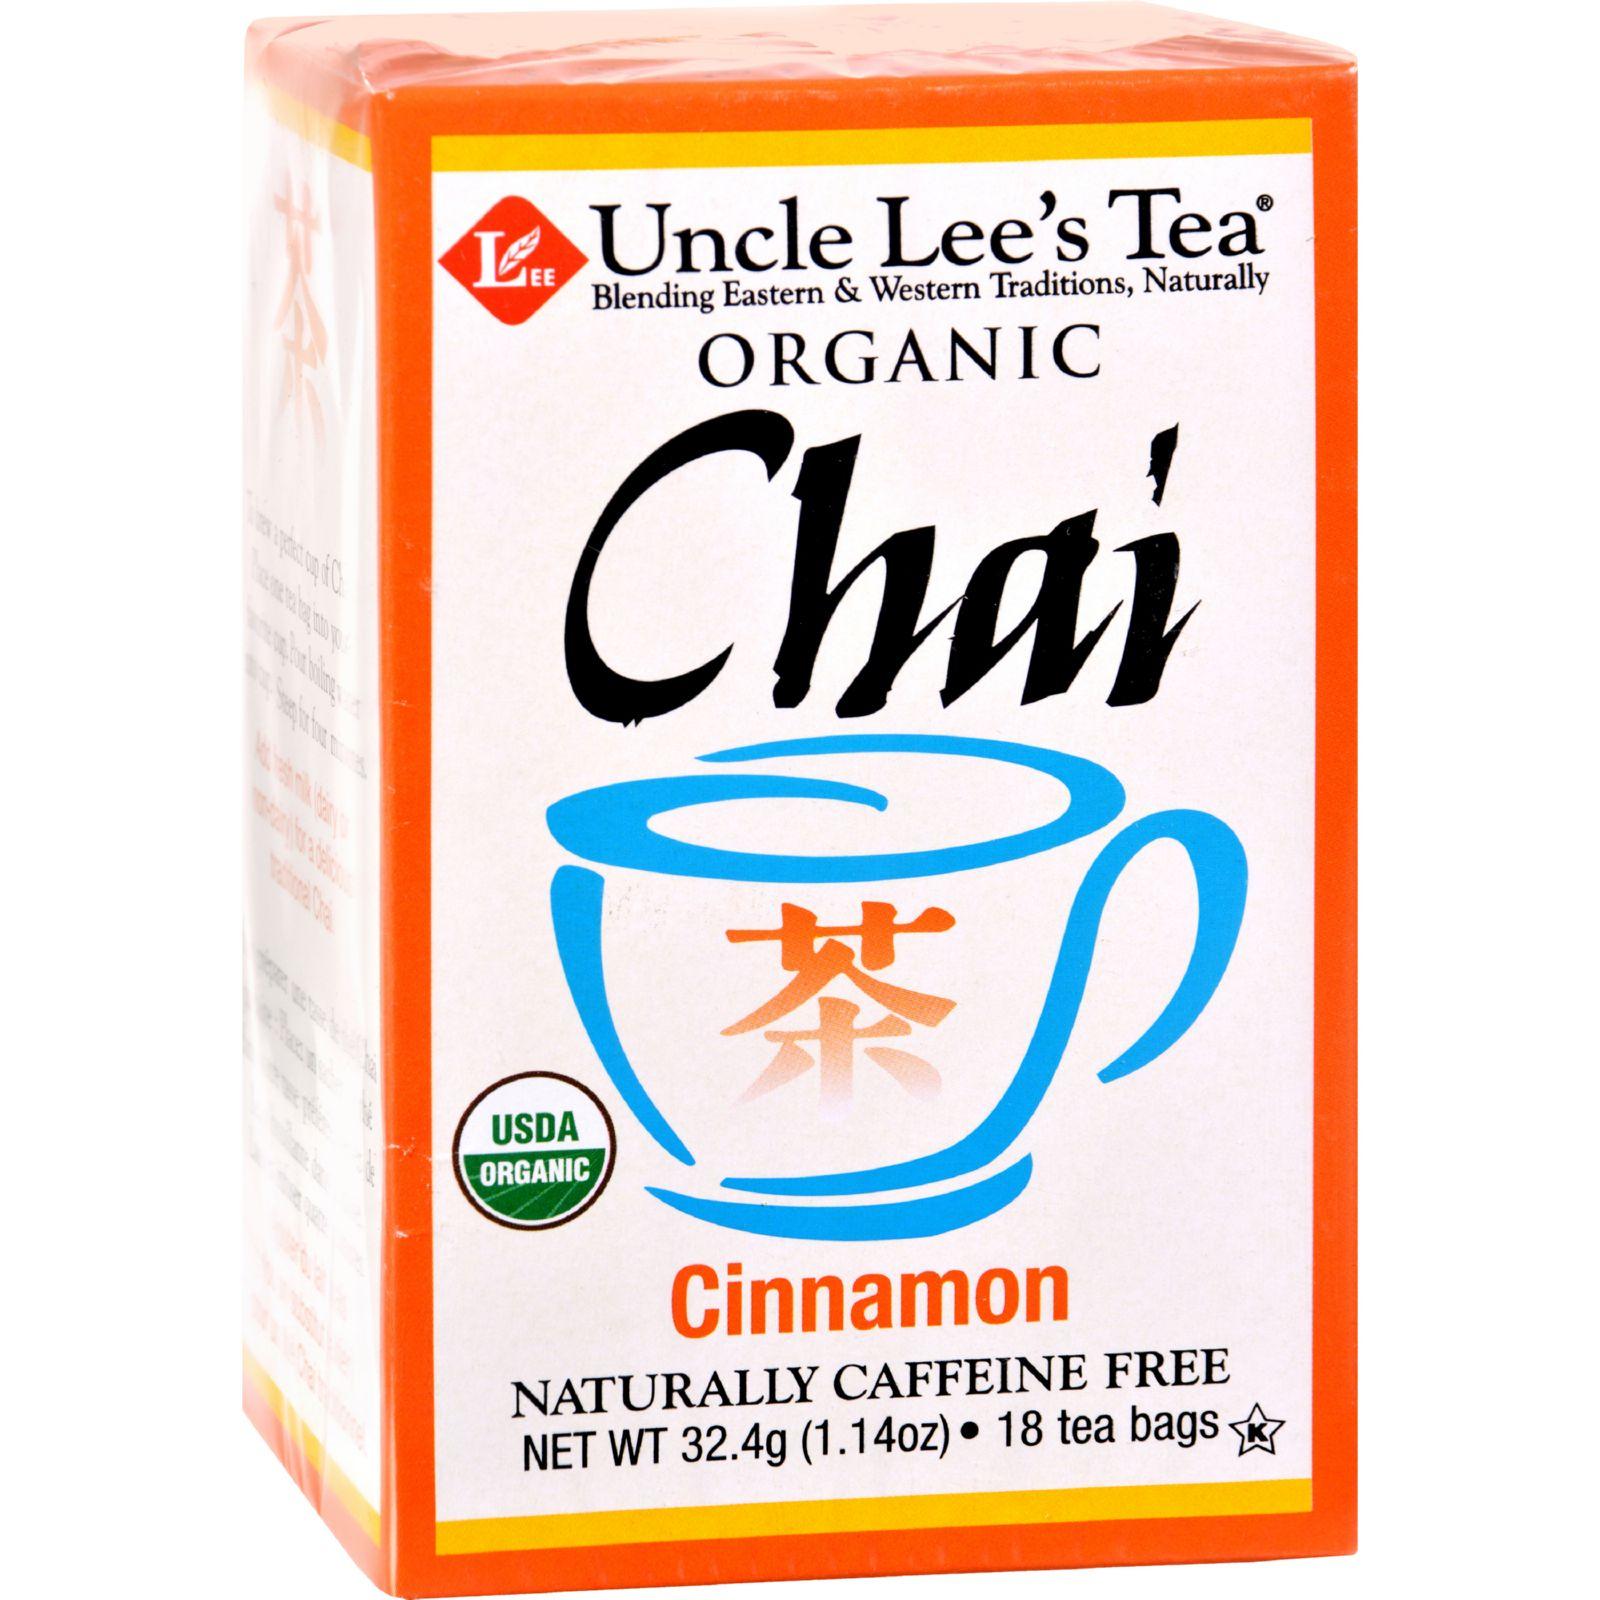 Uncle Lee's Tea Organic Chai Cinnamon - 18 Tea Bags